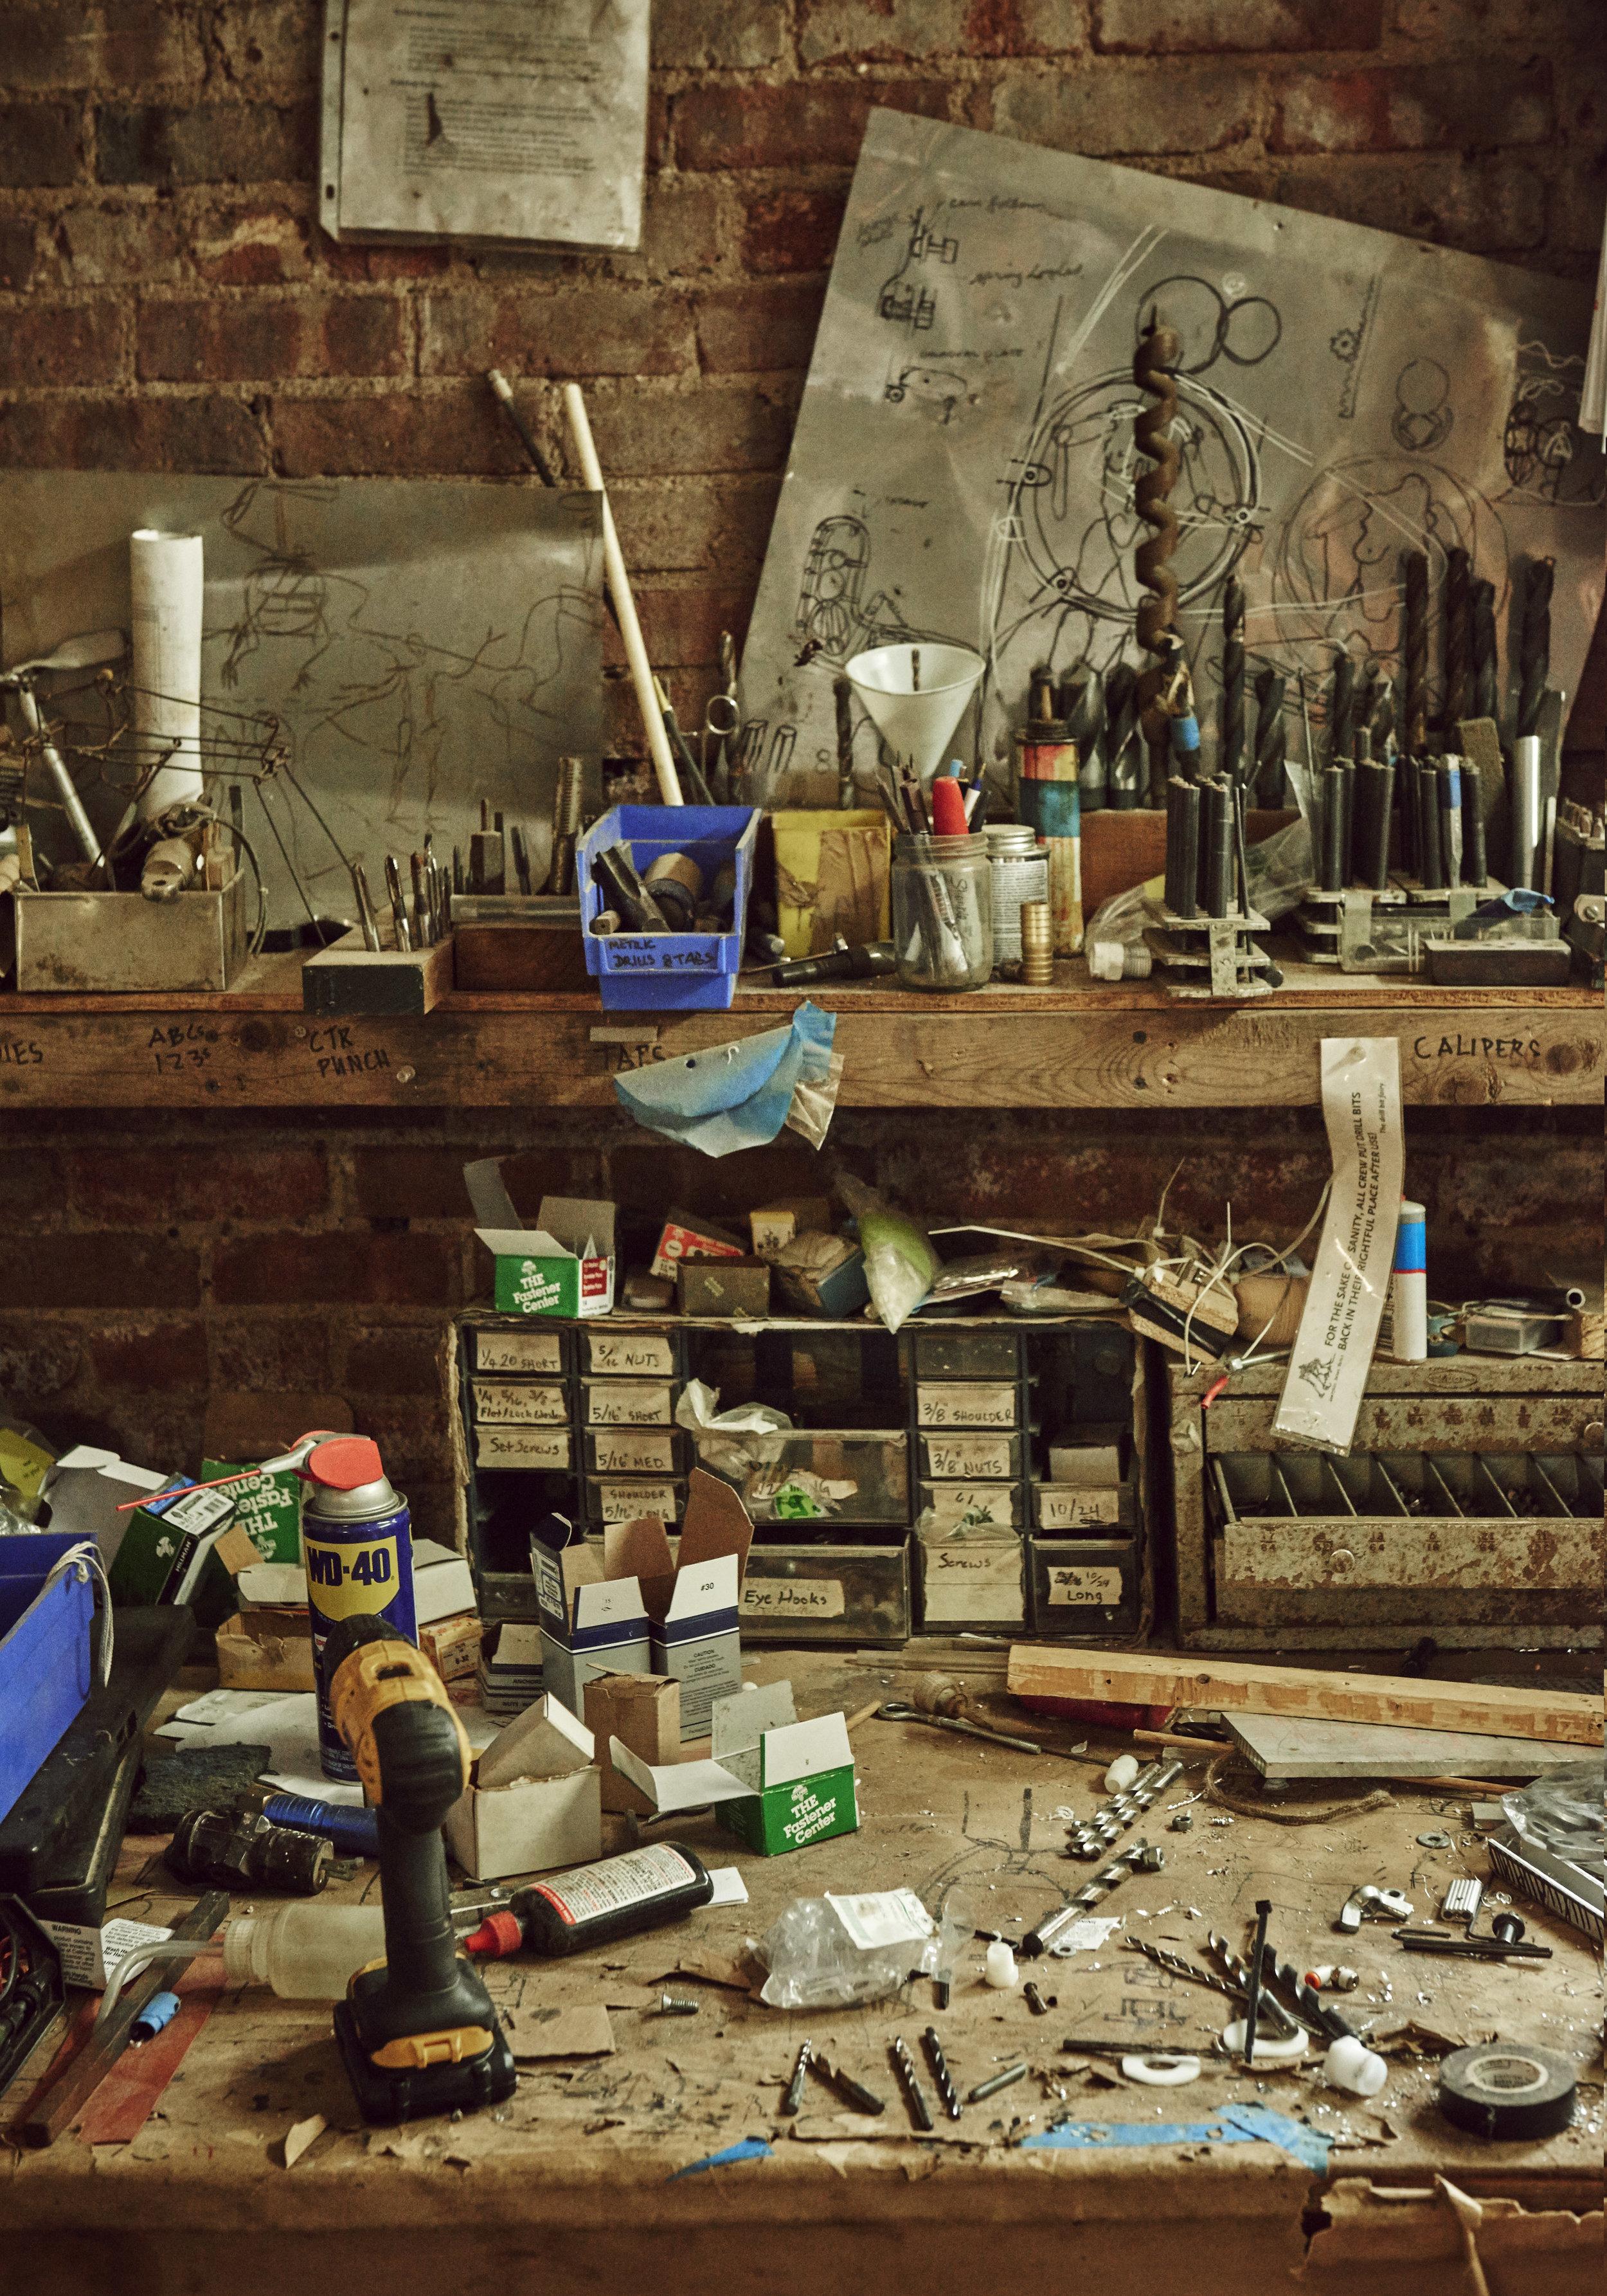 ARW studio Brooklyn, NY. Photo: Andrew Boyle